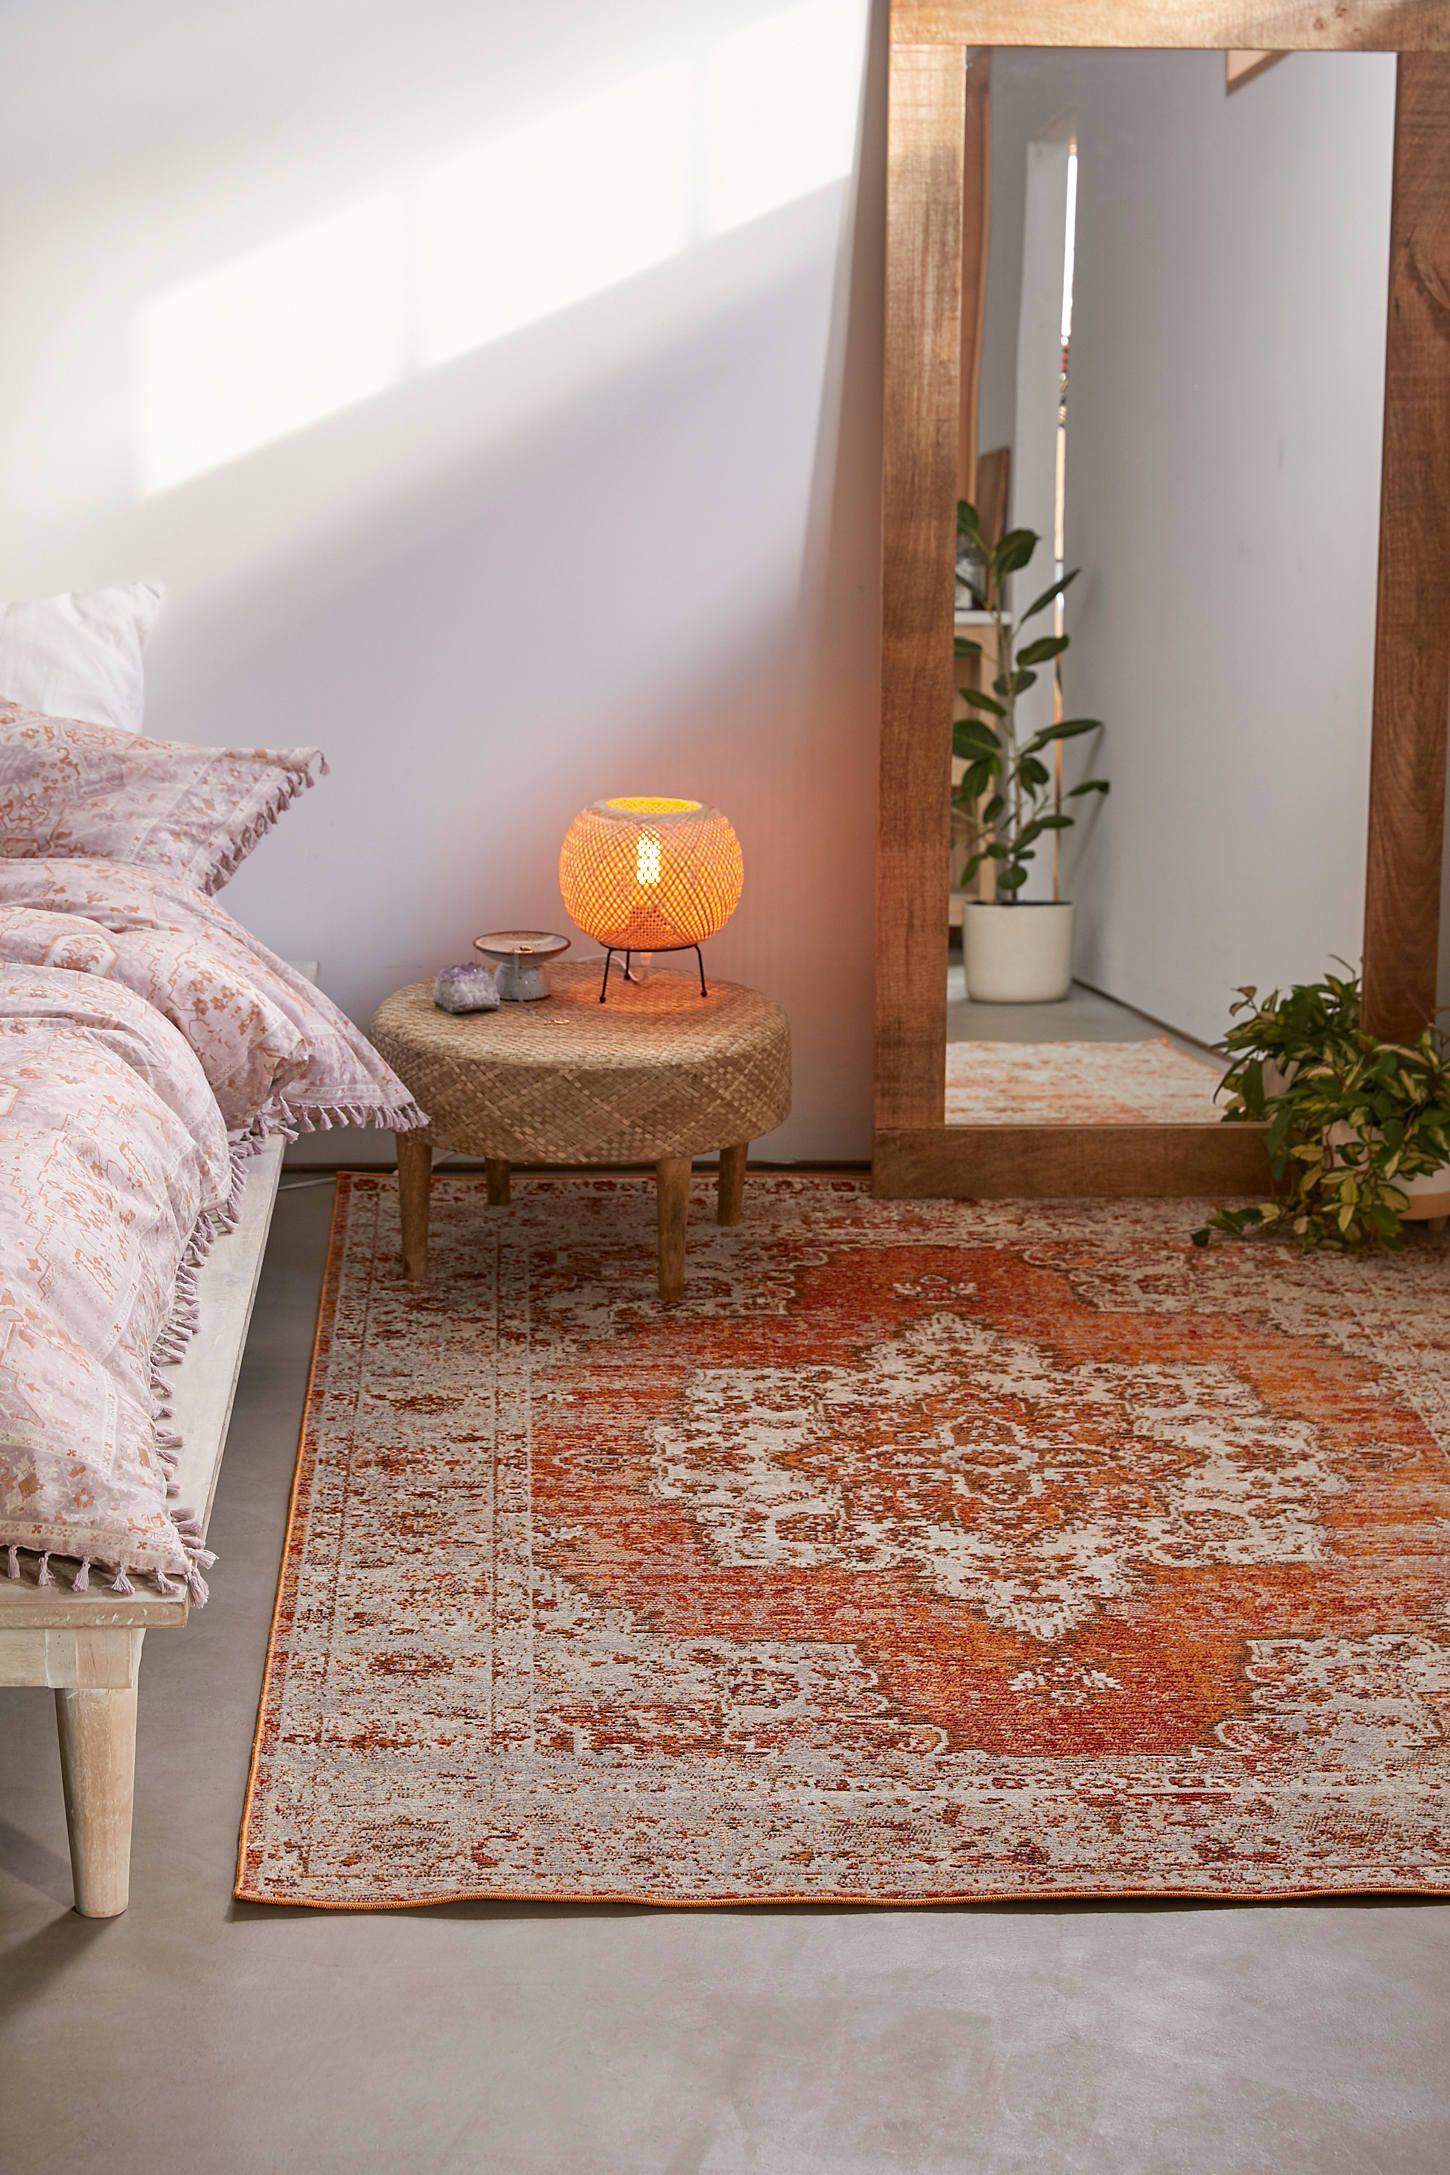 Phaedra Medallion Tufted Rug Apartment Decor Interior Interior